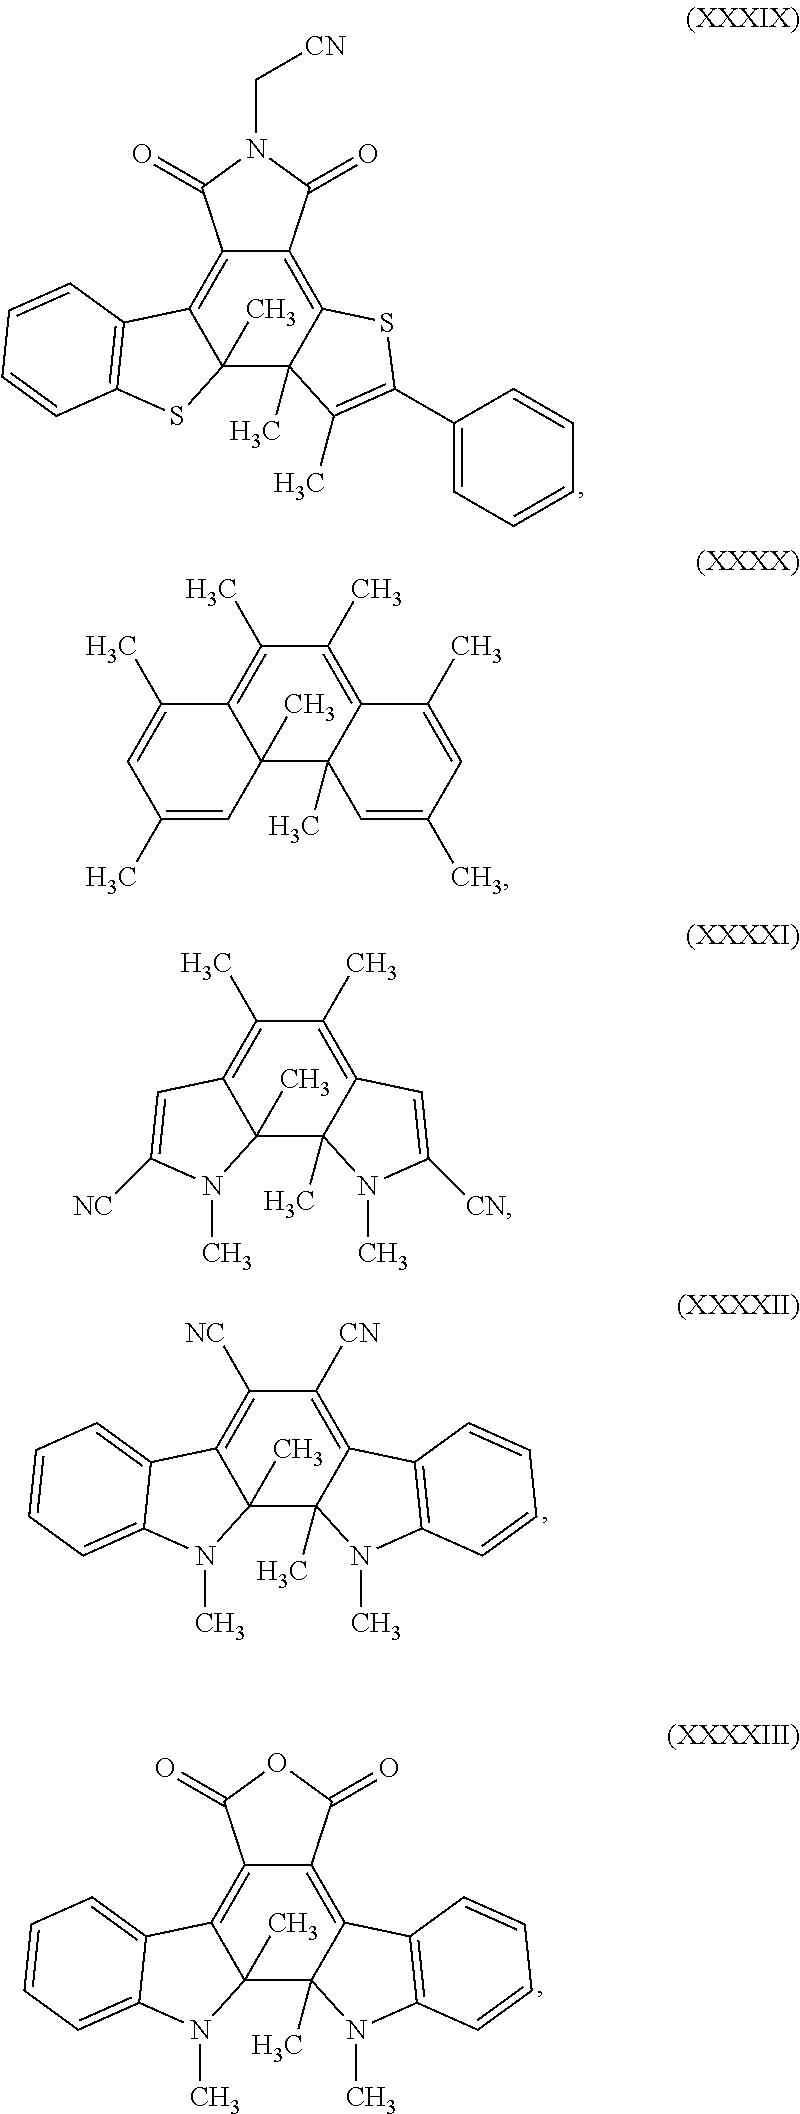 Figure US20120026564A1-20120202-C00007